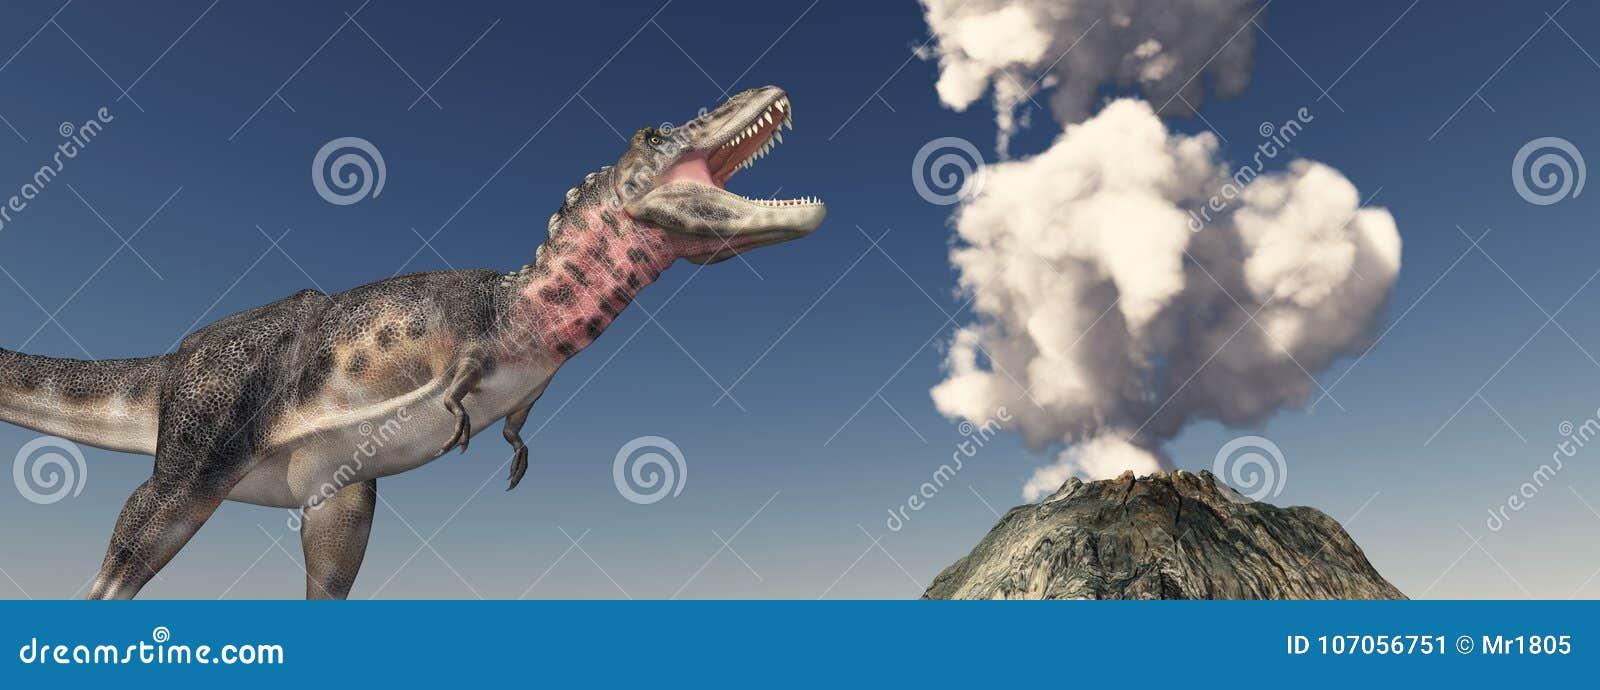 Vulkanutbrott och dinosaurien Tarbosaurus